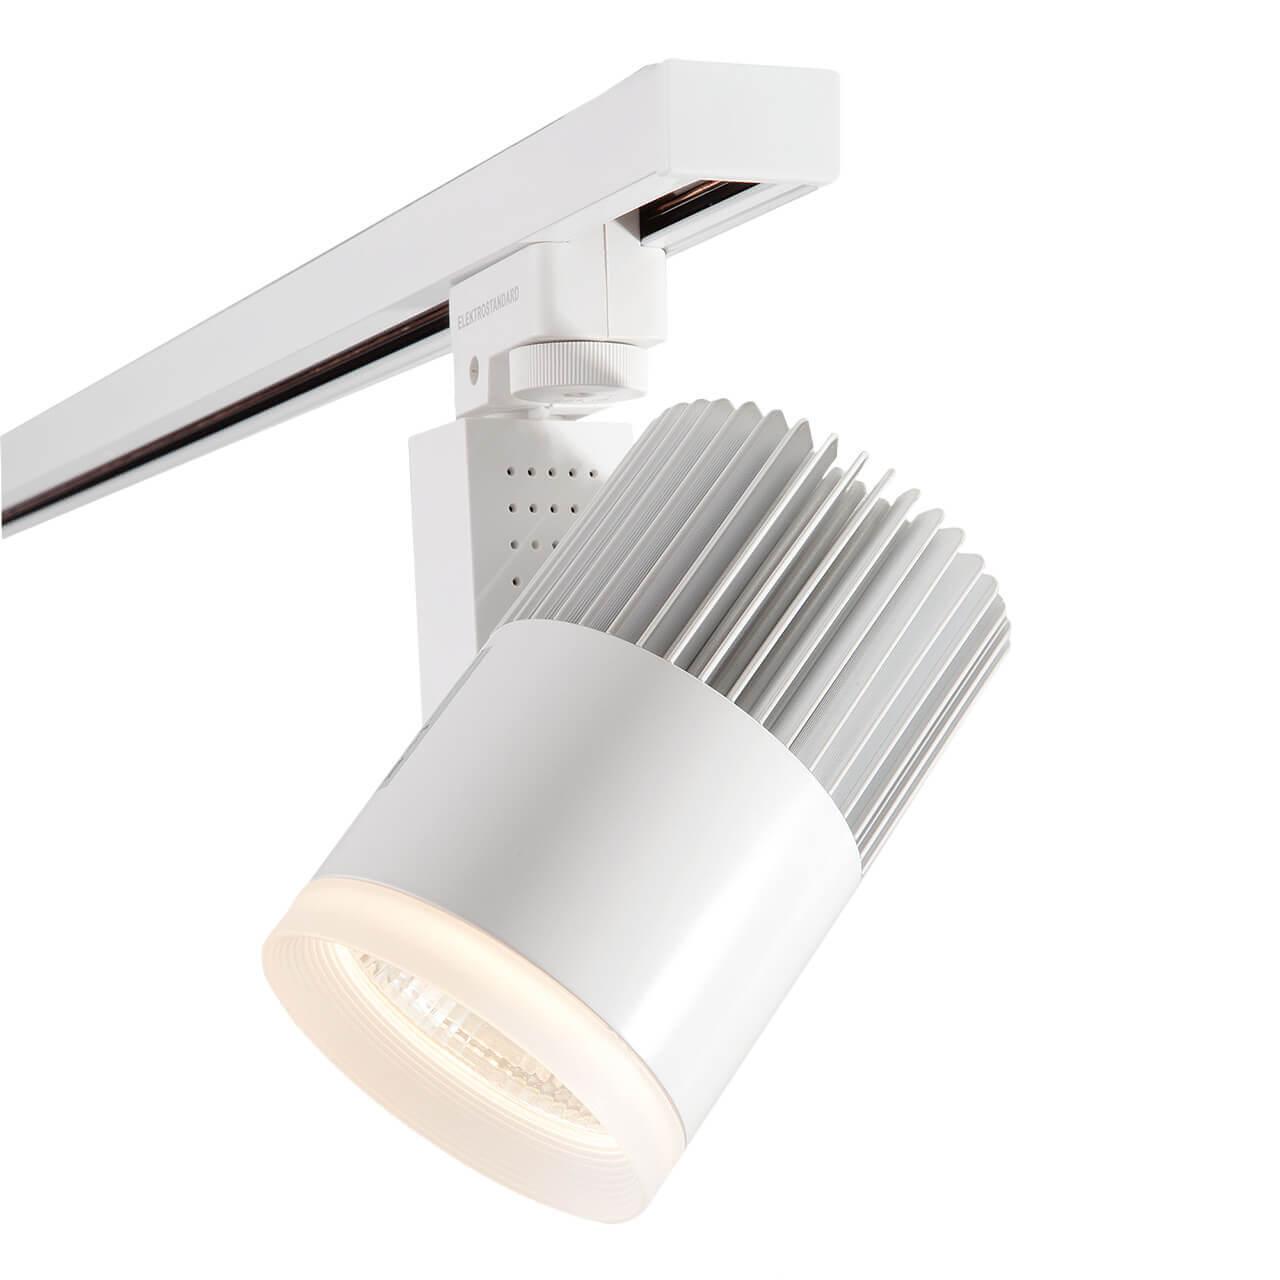 Светильник Elektrostandard 4690389138485 Accord (для трехфазного шинопровода) фото